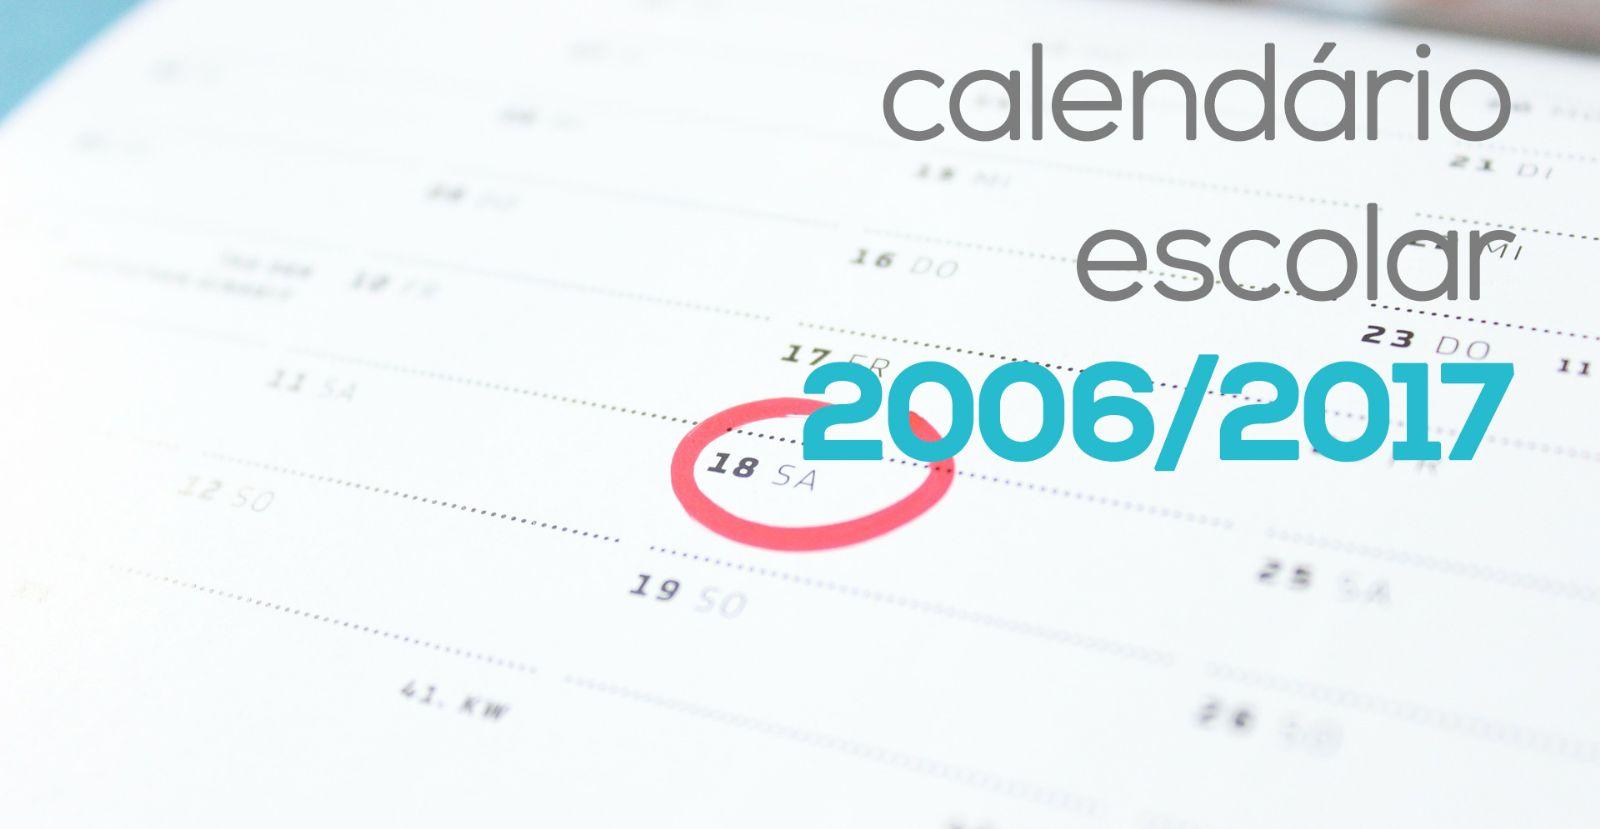 Calendário Escolar 2016/2017